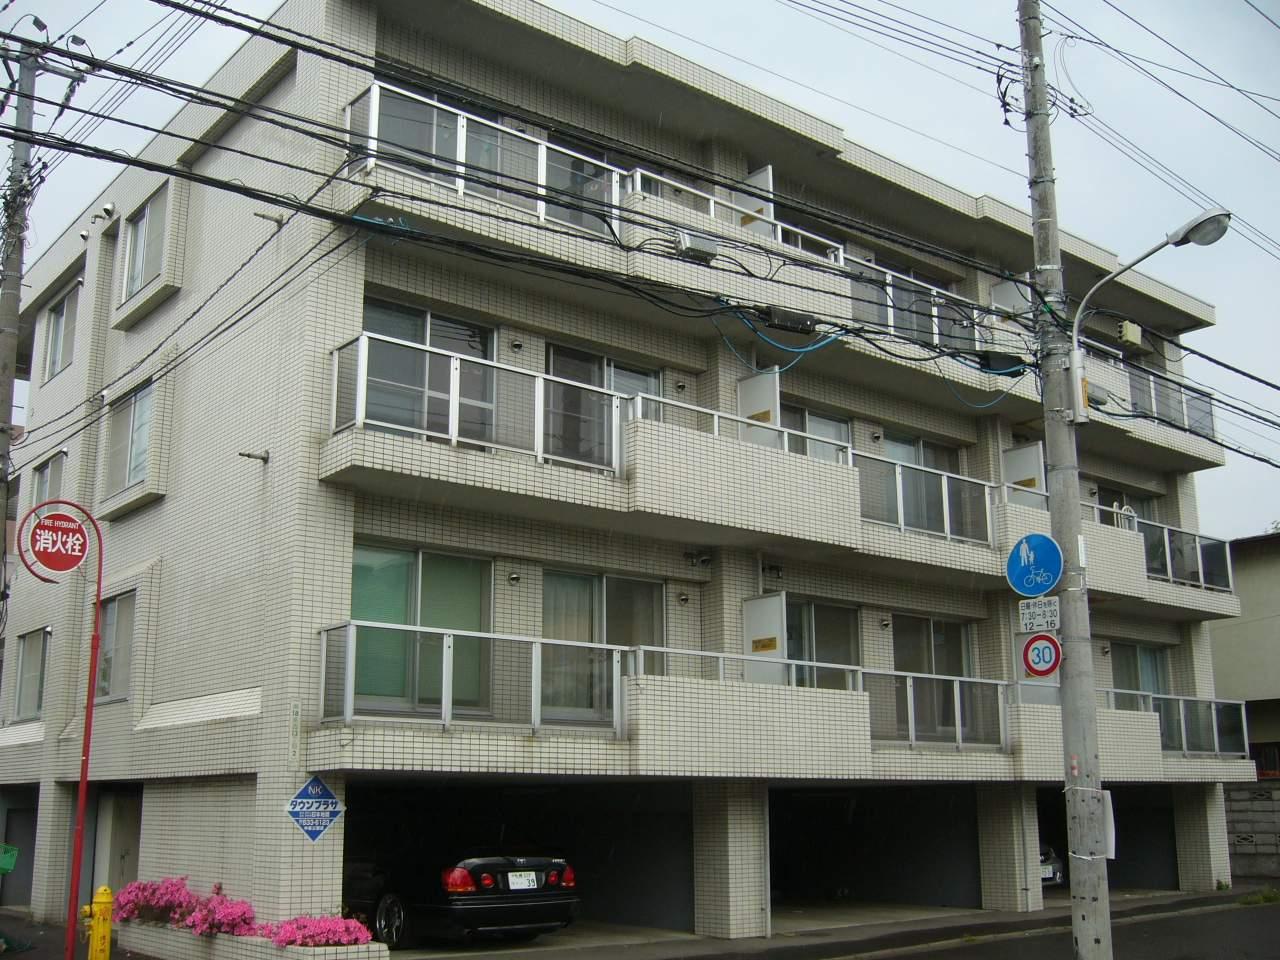 北海道札幌市中央区、西線16条駅徒歩6分の築26年 4階建の賃貸マンション